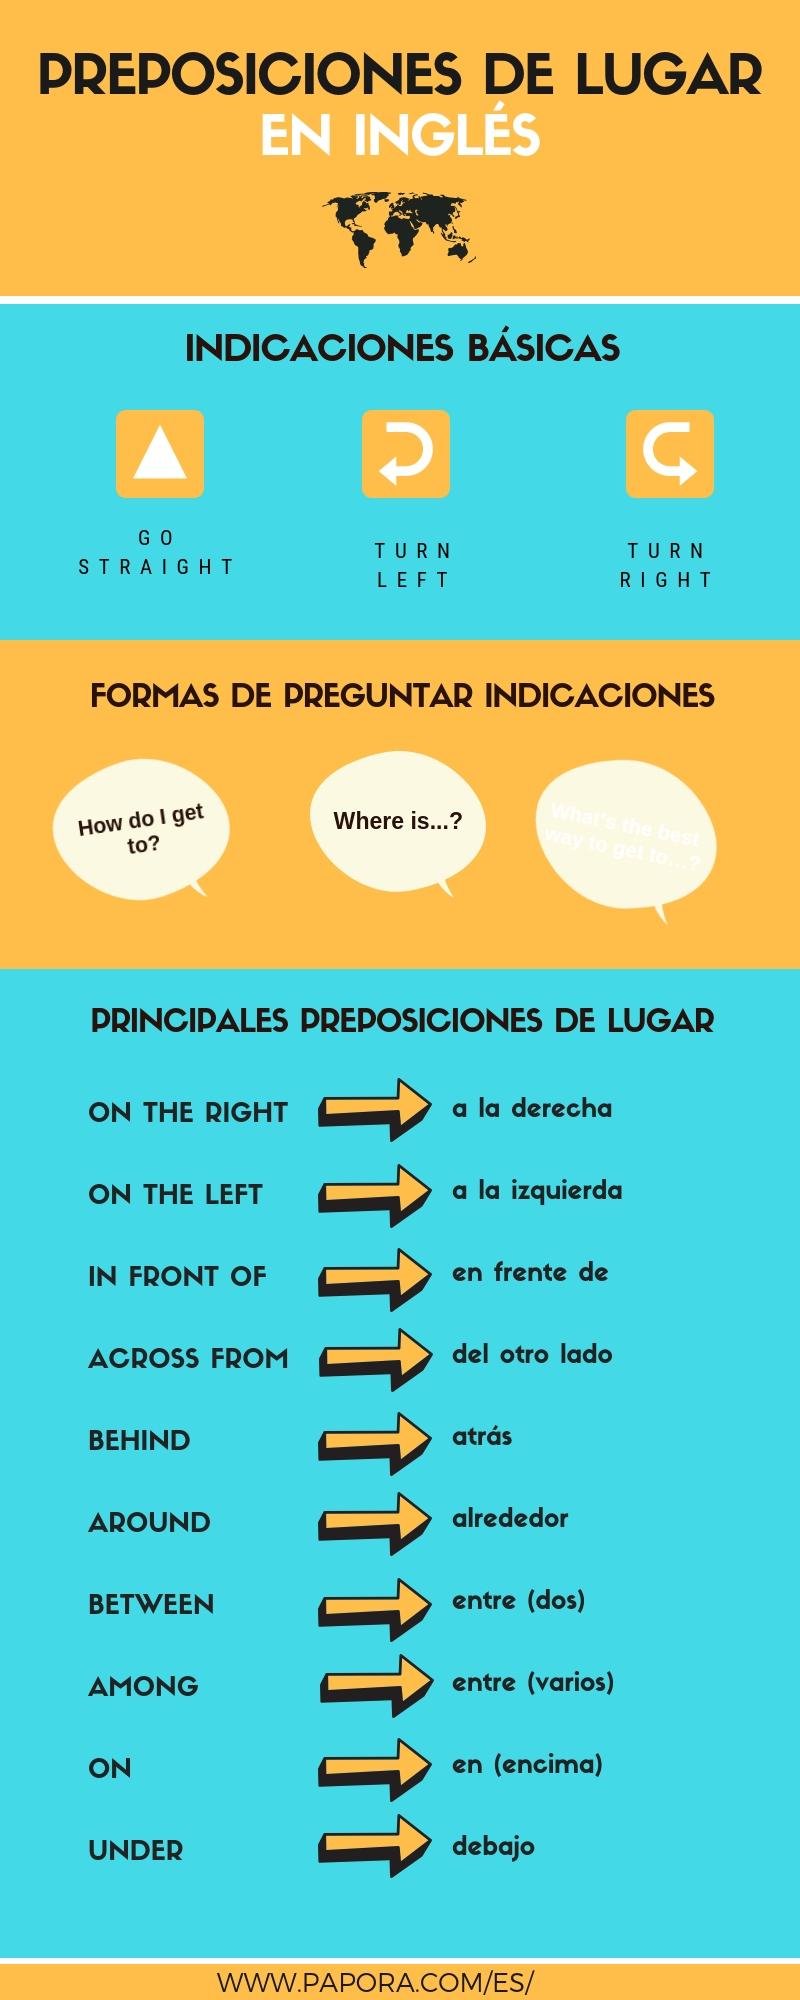 preposiciones-de-lugar-en-ingles